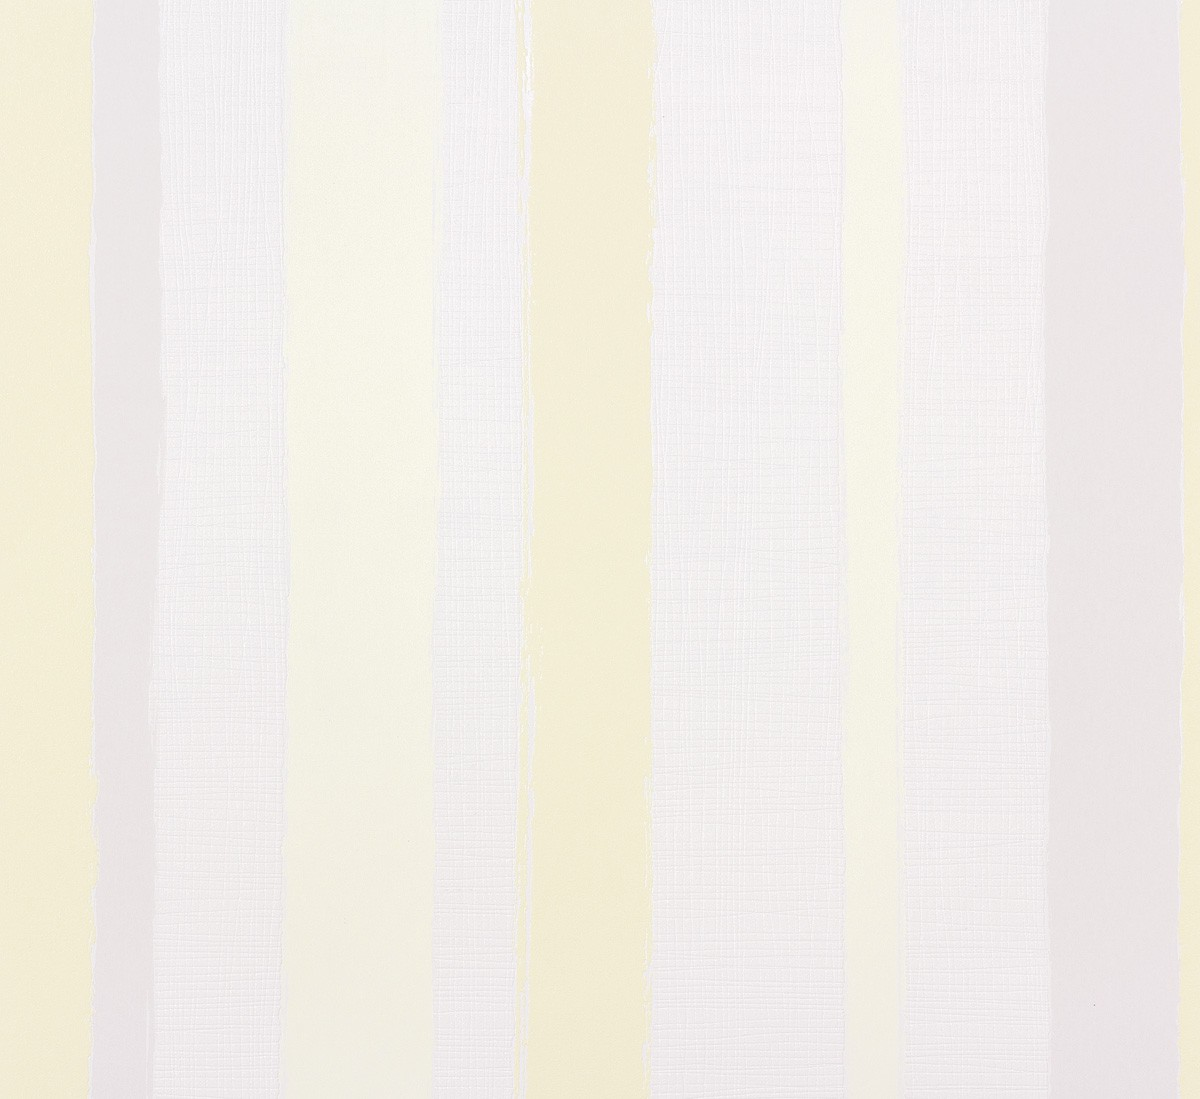 vliestapete streifen wei gelb grau tapeten marburg. Black Bedroom Furniture Sets. Home Design Ideas